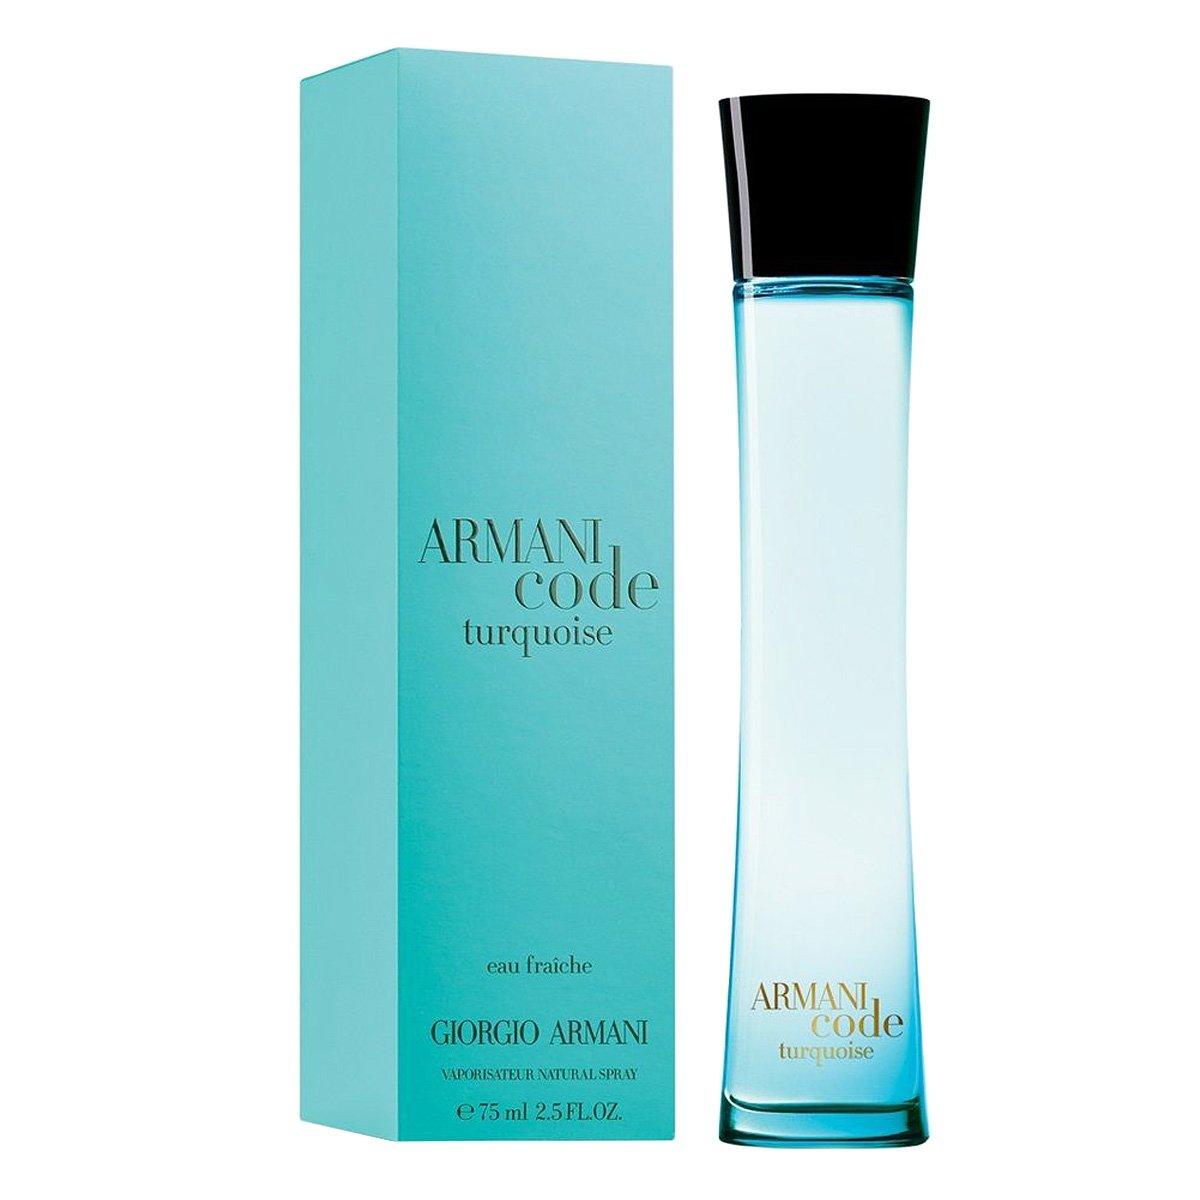 Giorgio Armani Code Turquoise